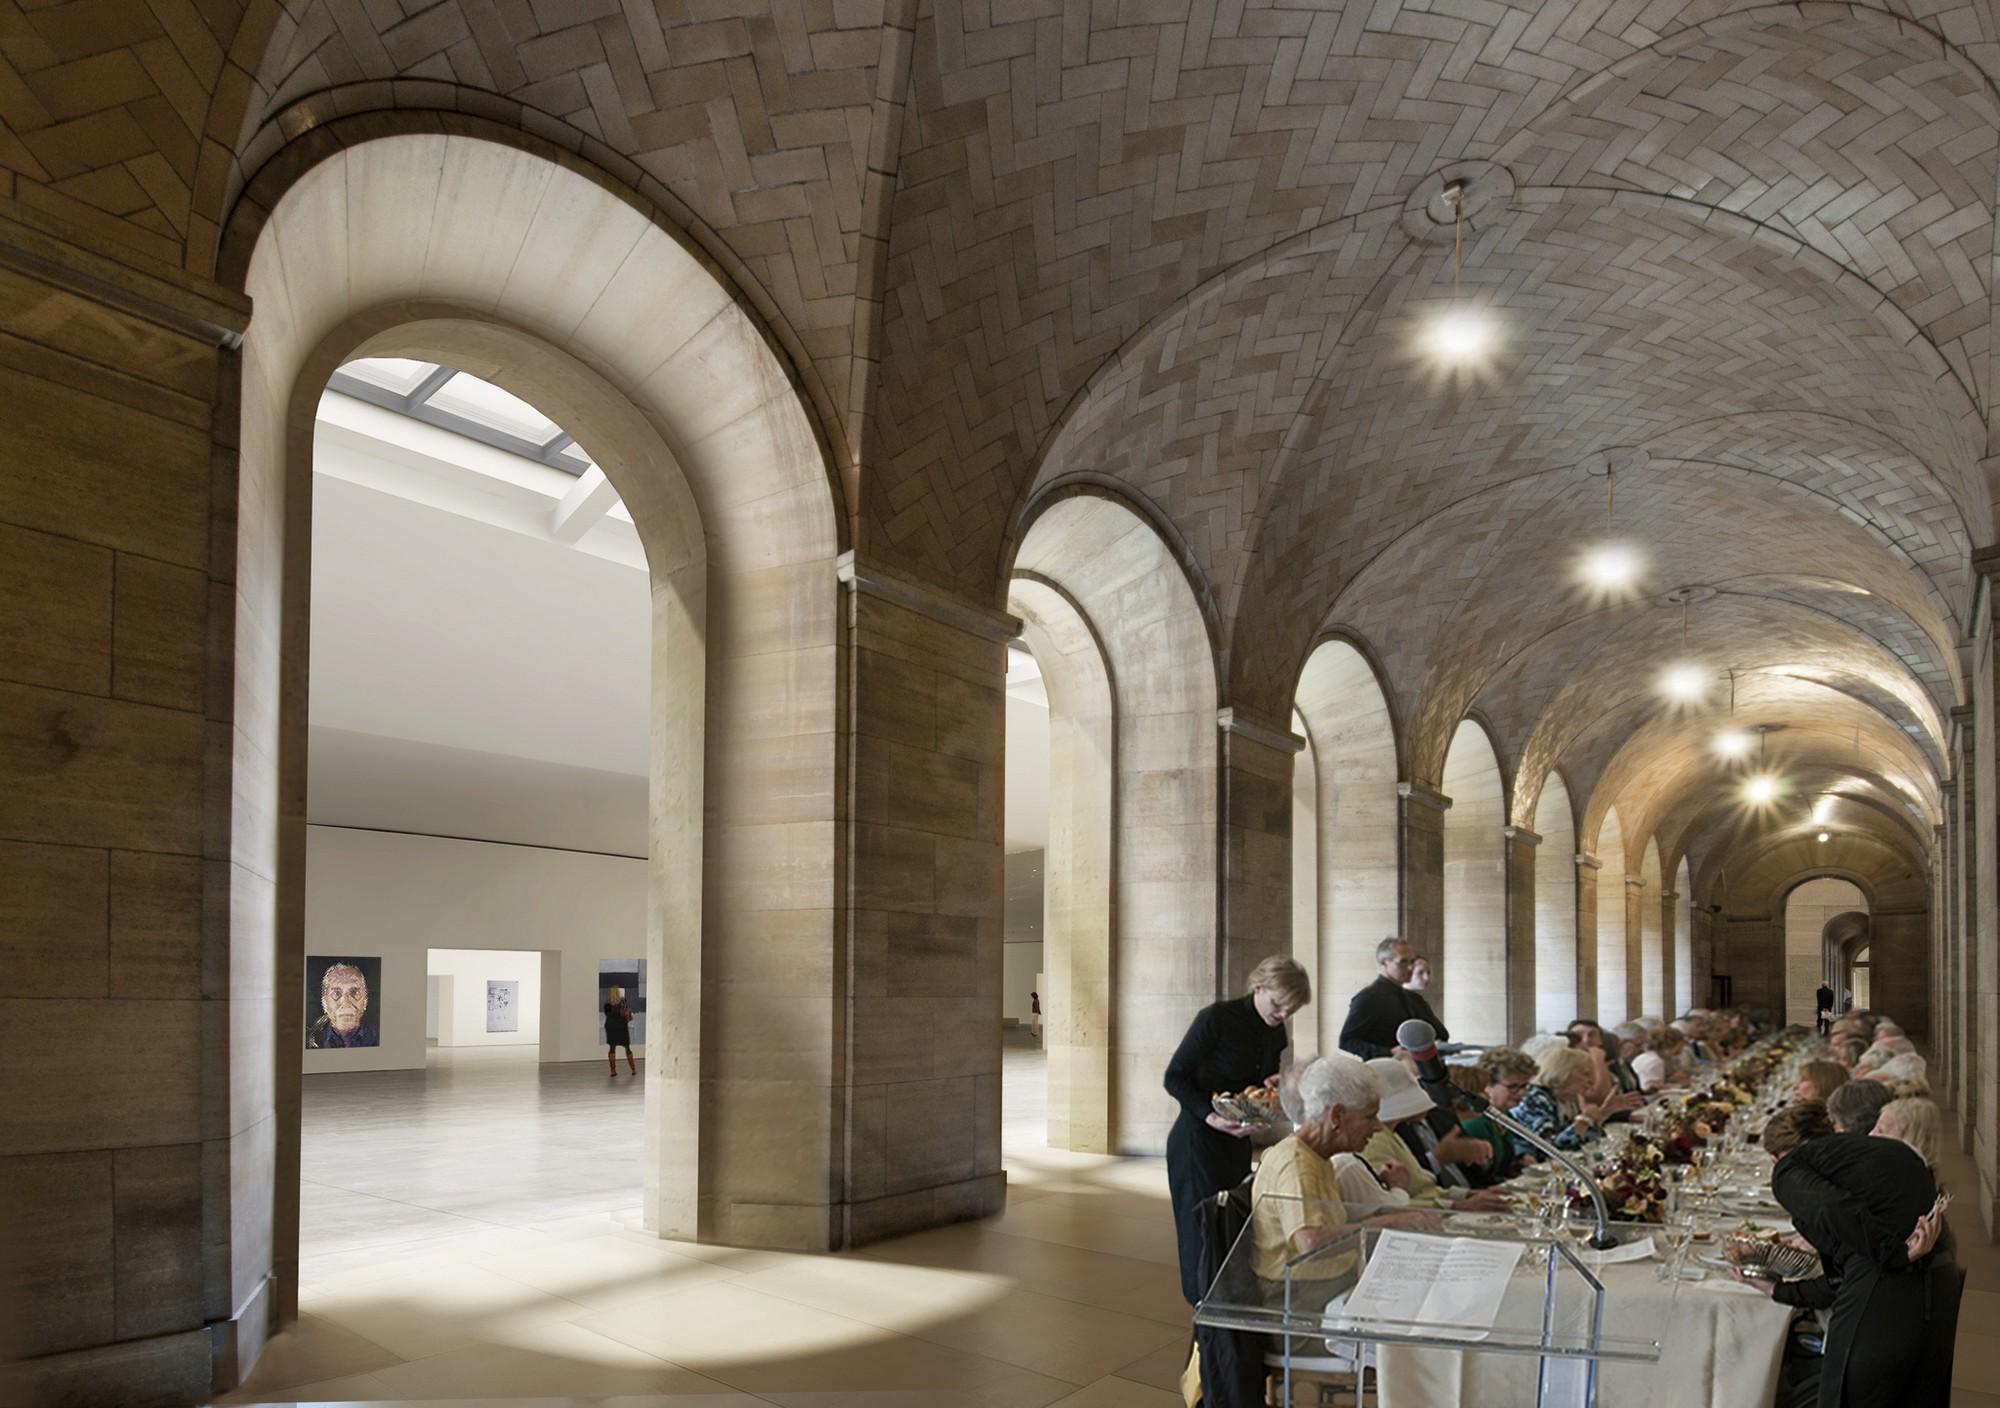 La pasarela de la bóveda subterránea, largamente cerrada al público, se convertirá en un espacio para eventos artísticos, con accesos al norte (Kelly Drive) y al sur (Schuylkill River)del edificio. Imágen © Gehry Partners, LLP